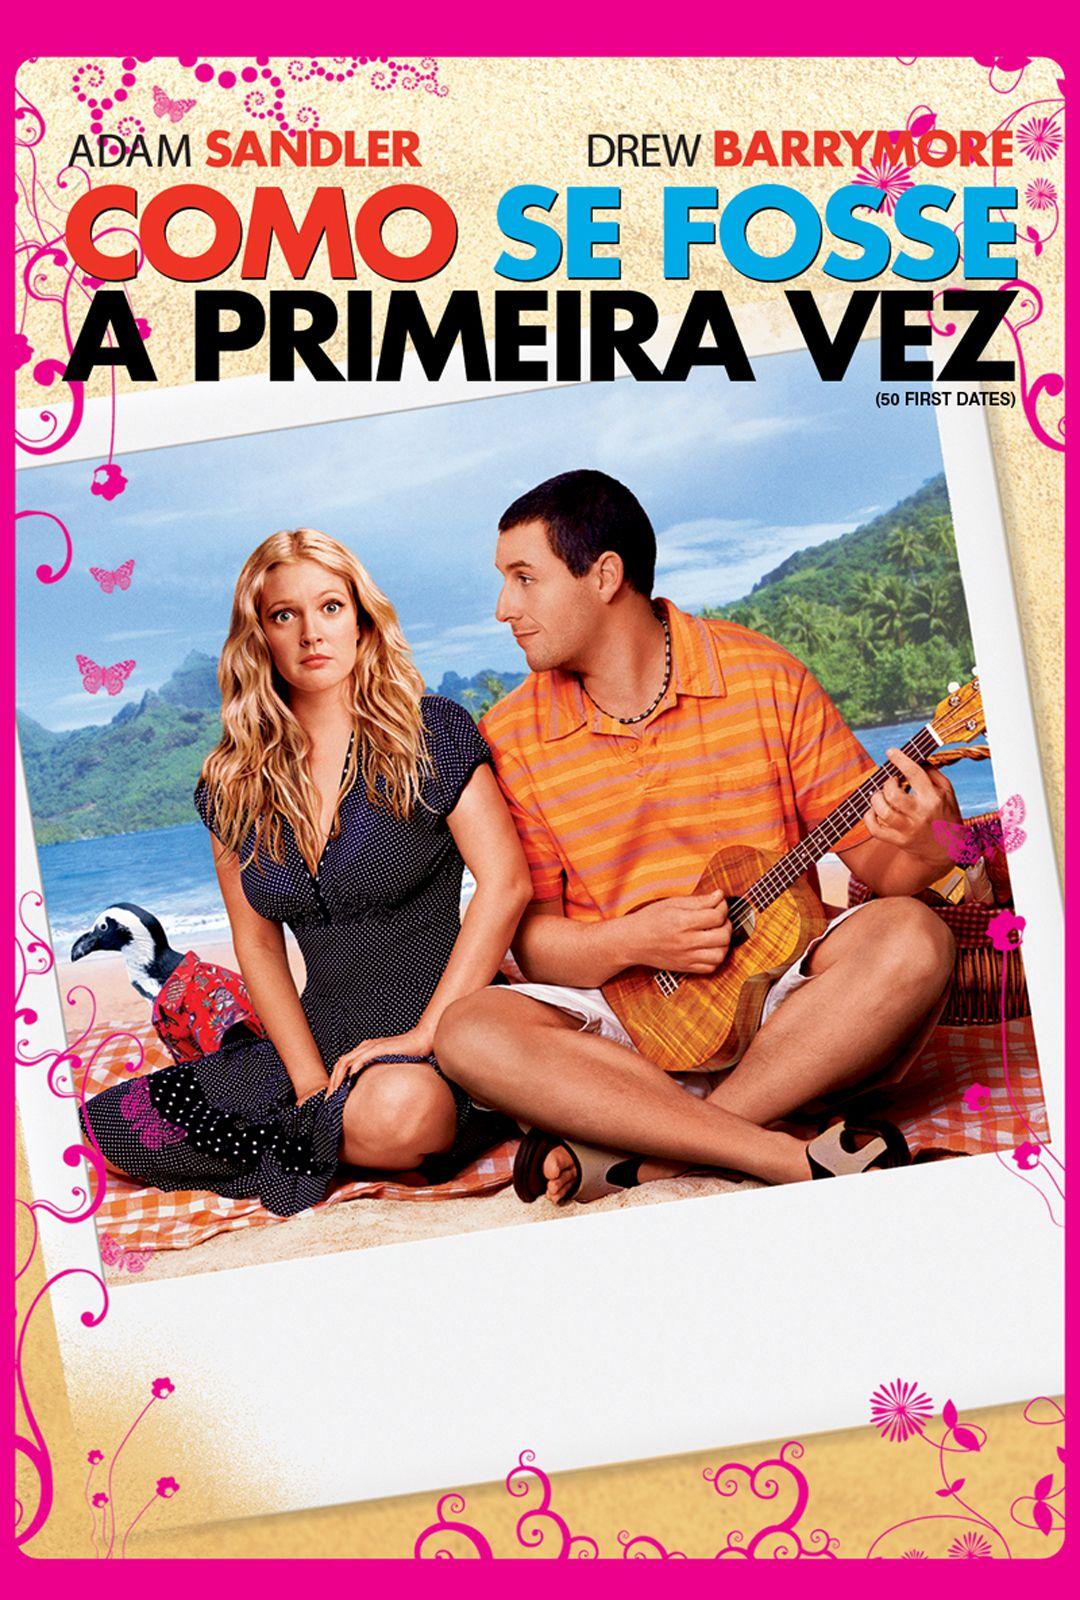 Amei Este Filme Filmes Romanticos Mega Filmes Online Filmes Romanticos Antigos